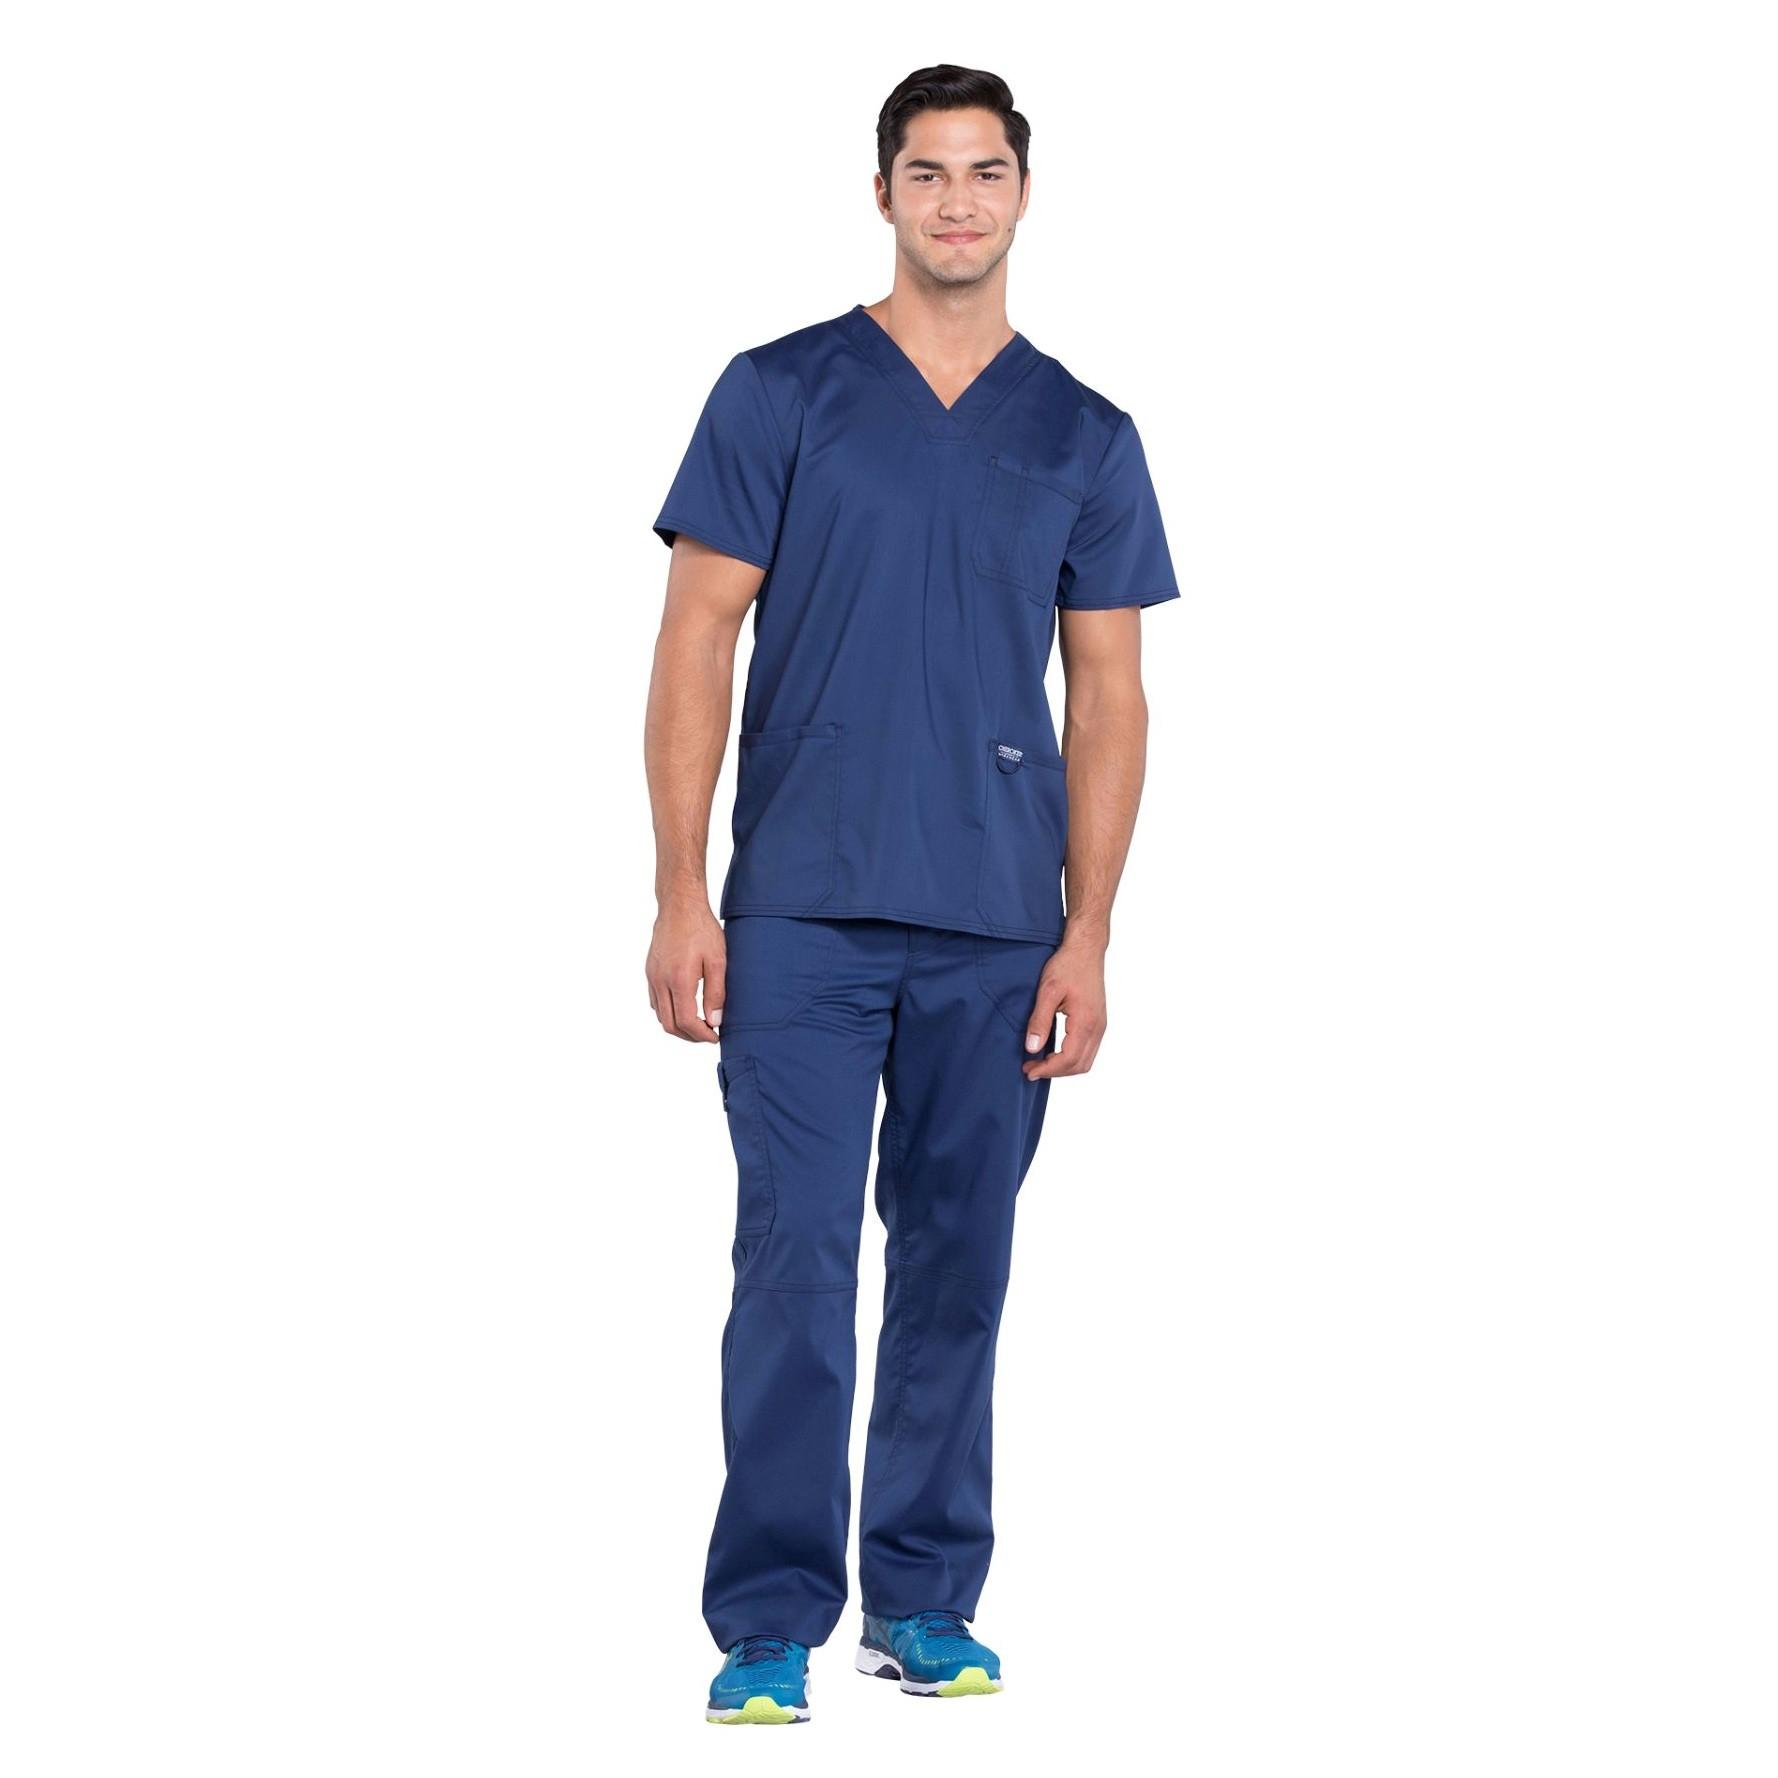 Мужской медицинский костюм Revolution цвет синий